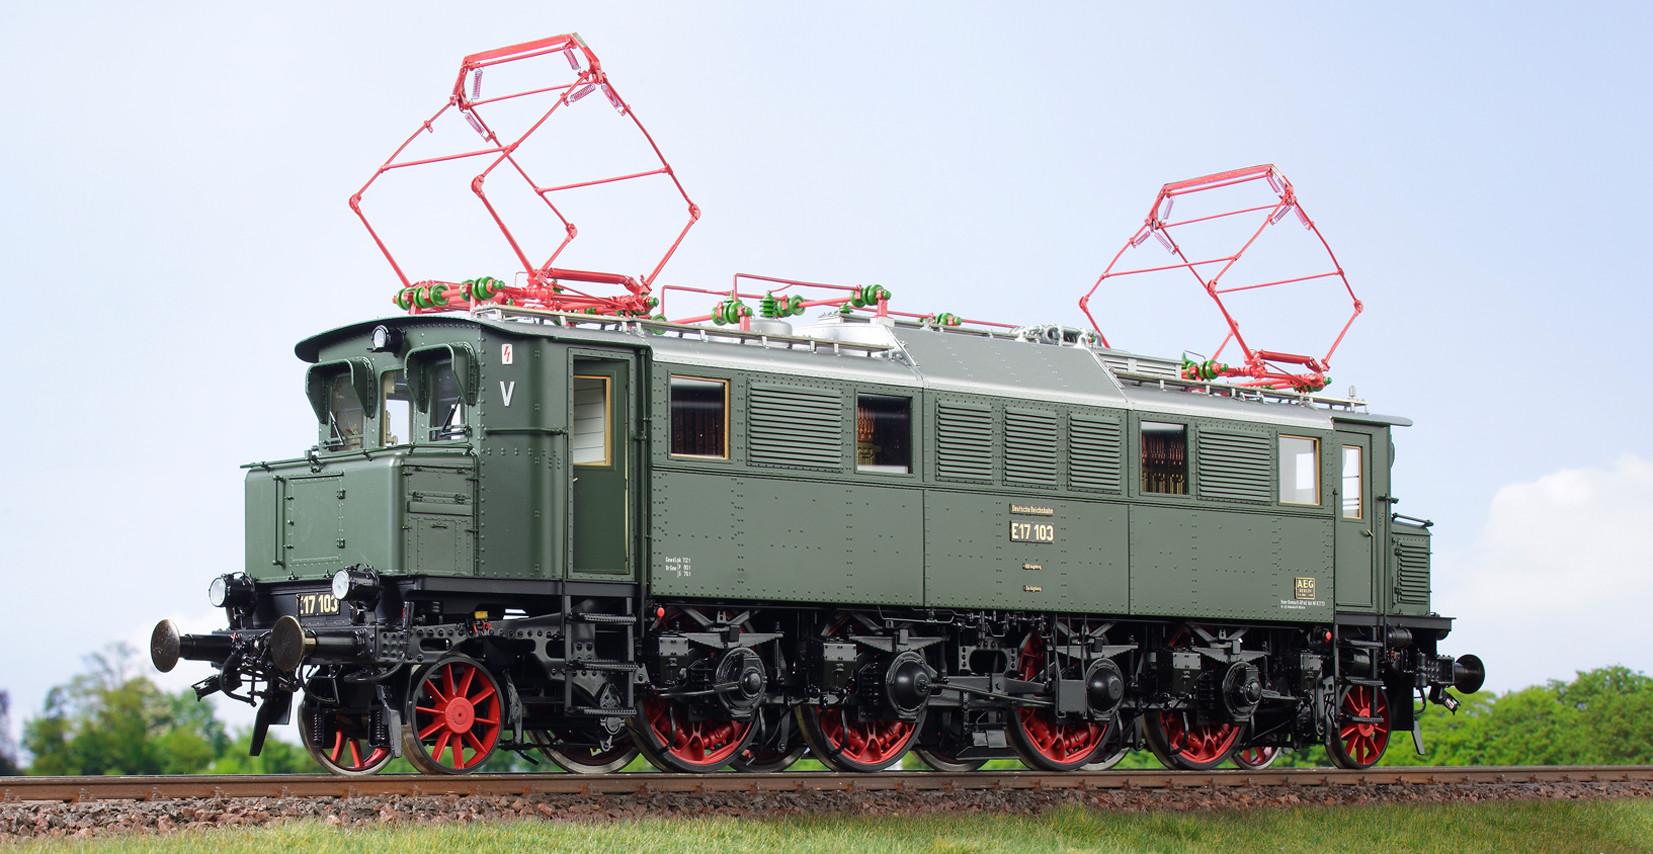 Spur 1 Lokomotive Baureihe E 17 103 Museumslok flaschengrün